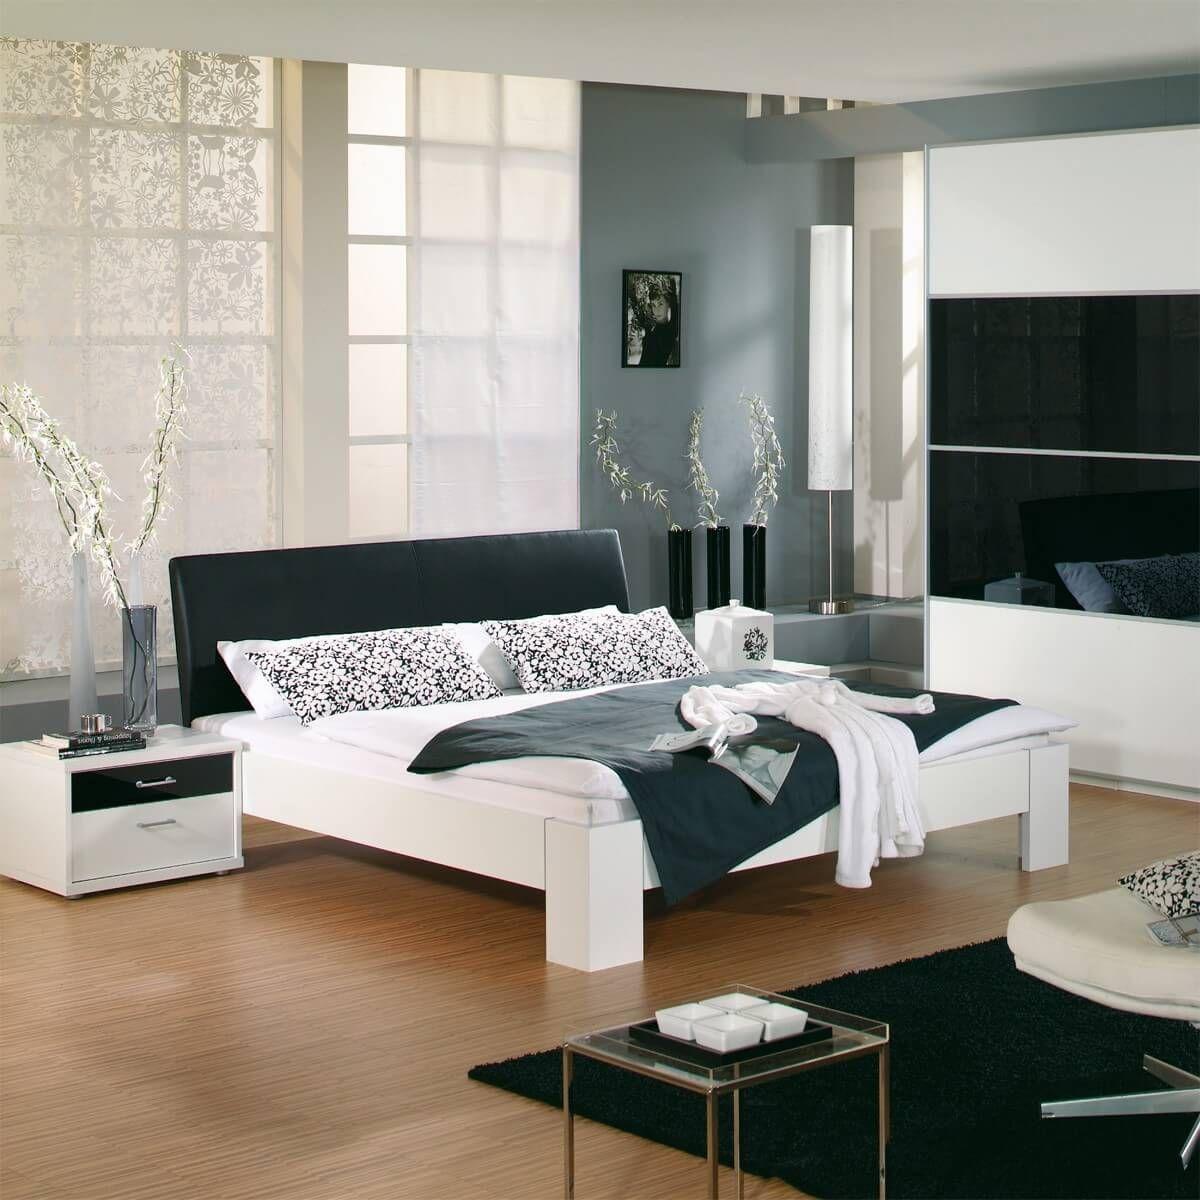 futonbett plus 180x200 wei schwarz 2 nachttische m bel schlafzimmer pinterest. Black Bedroom Furniture Sets. Home Design Ideas